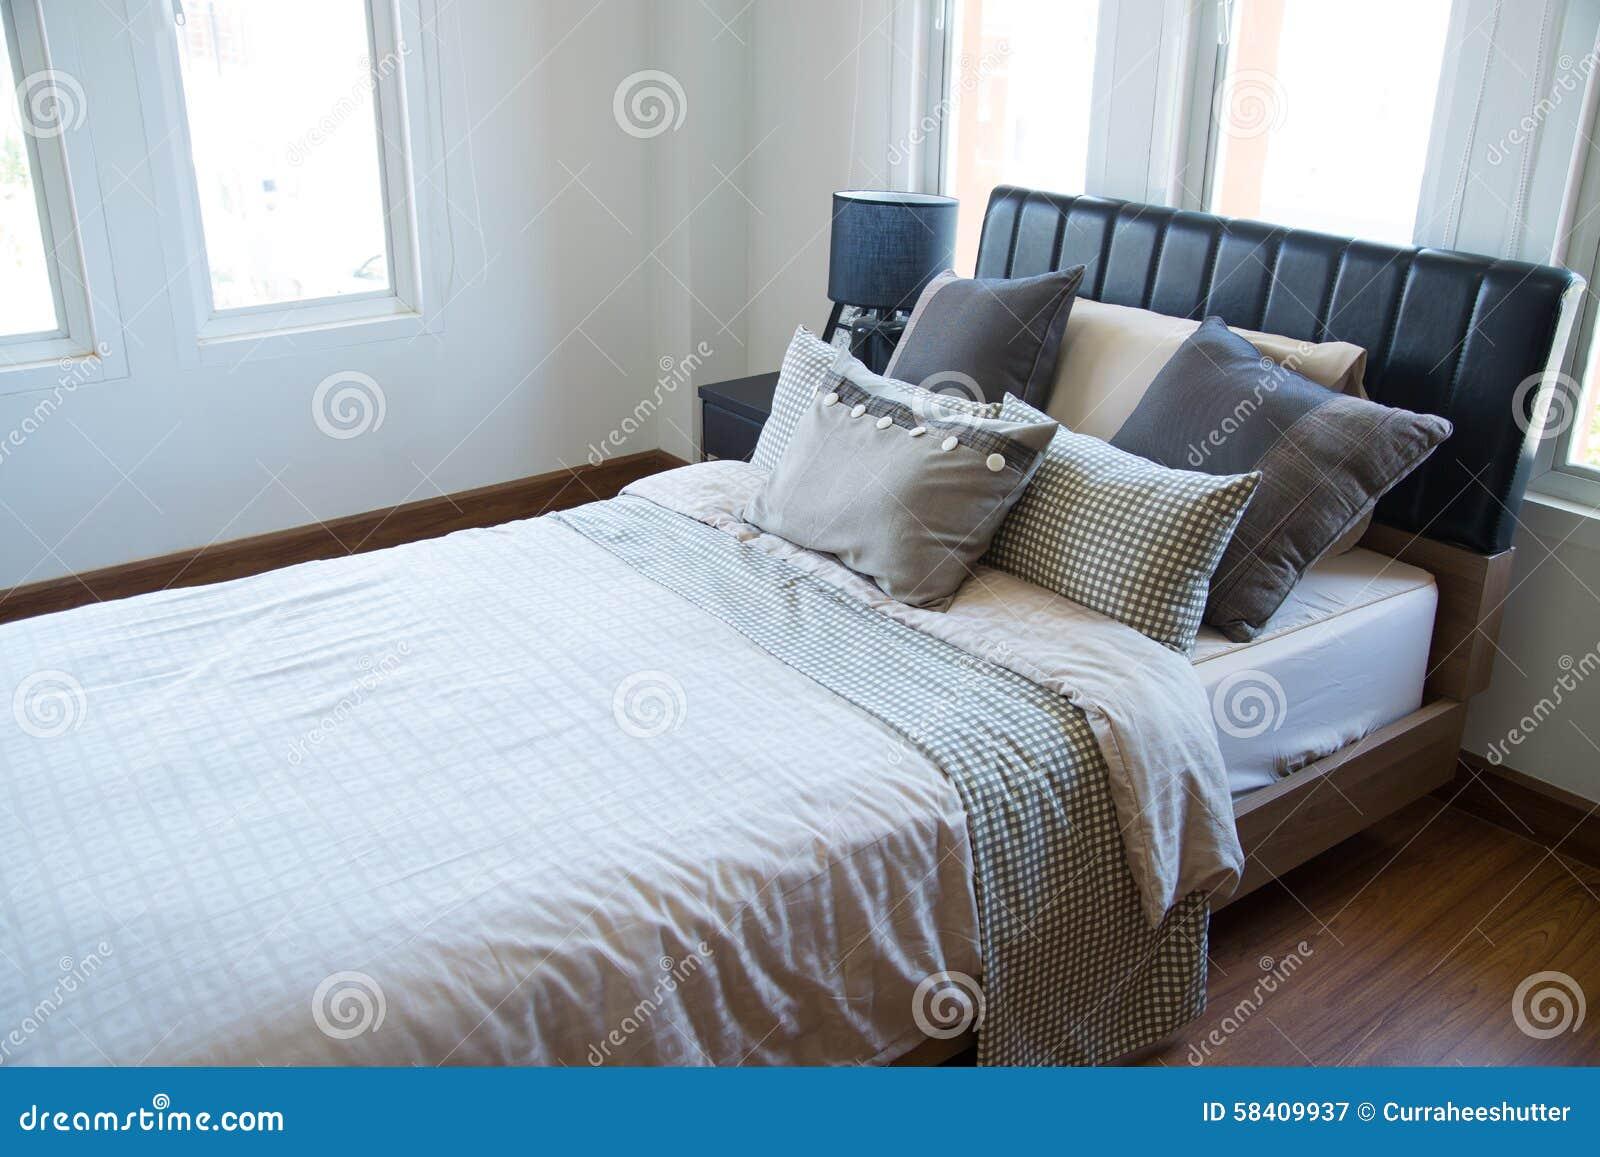 Binnenland van moderne ruimte of bedruimte klassieke luxeslaapkamer